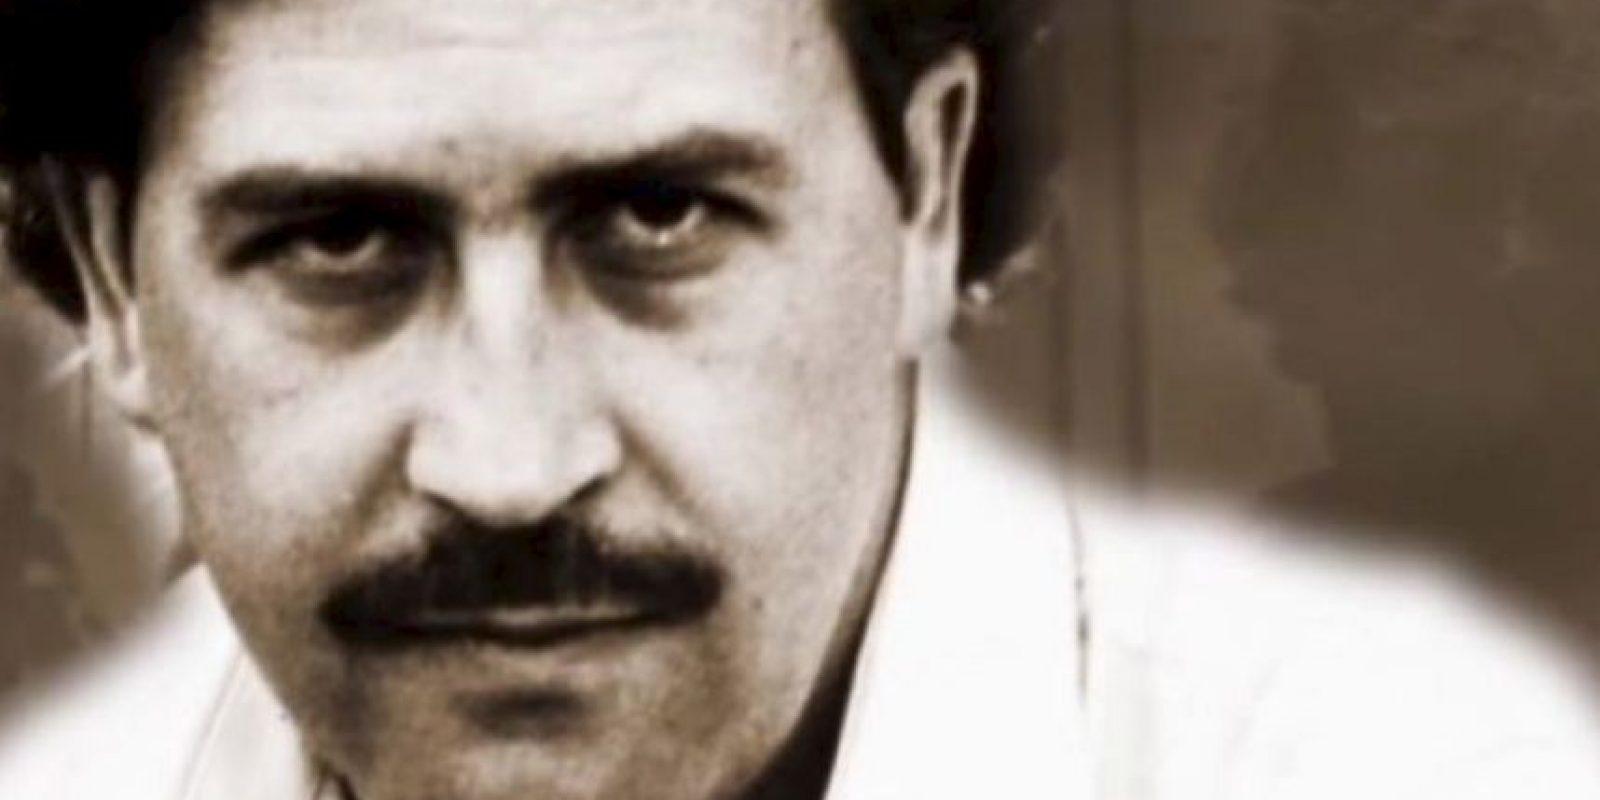 Llegó a aparecer en la lista de los hombres más ricos del mundo. Y comenzó a matar a estamentos claves dentro de la vida política y pública de Colombia, para reafirmar su poder. Foto:vía Getty Images